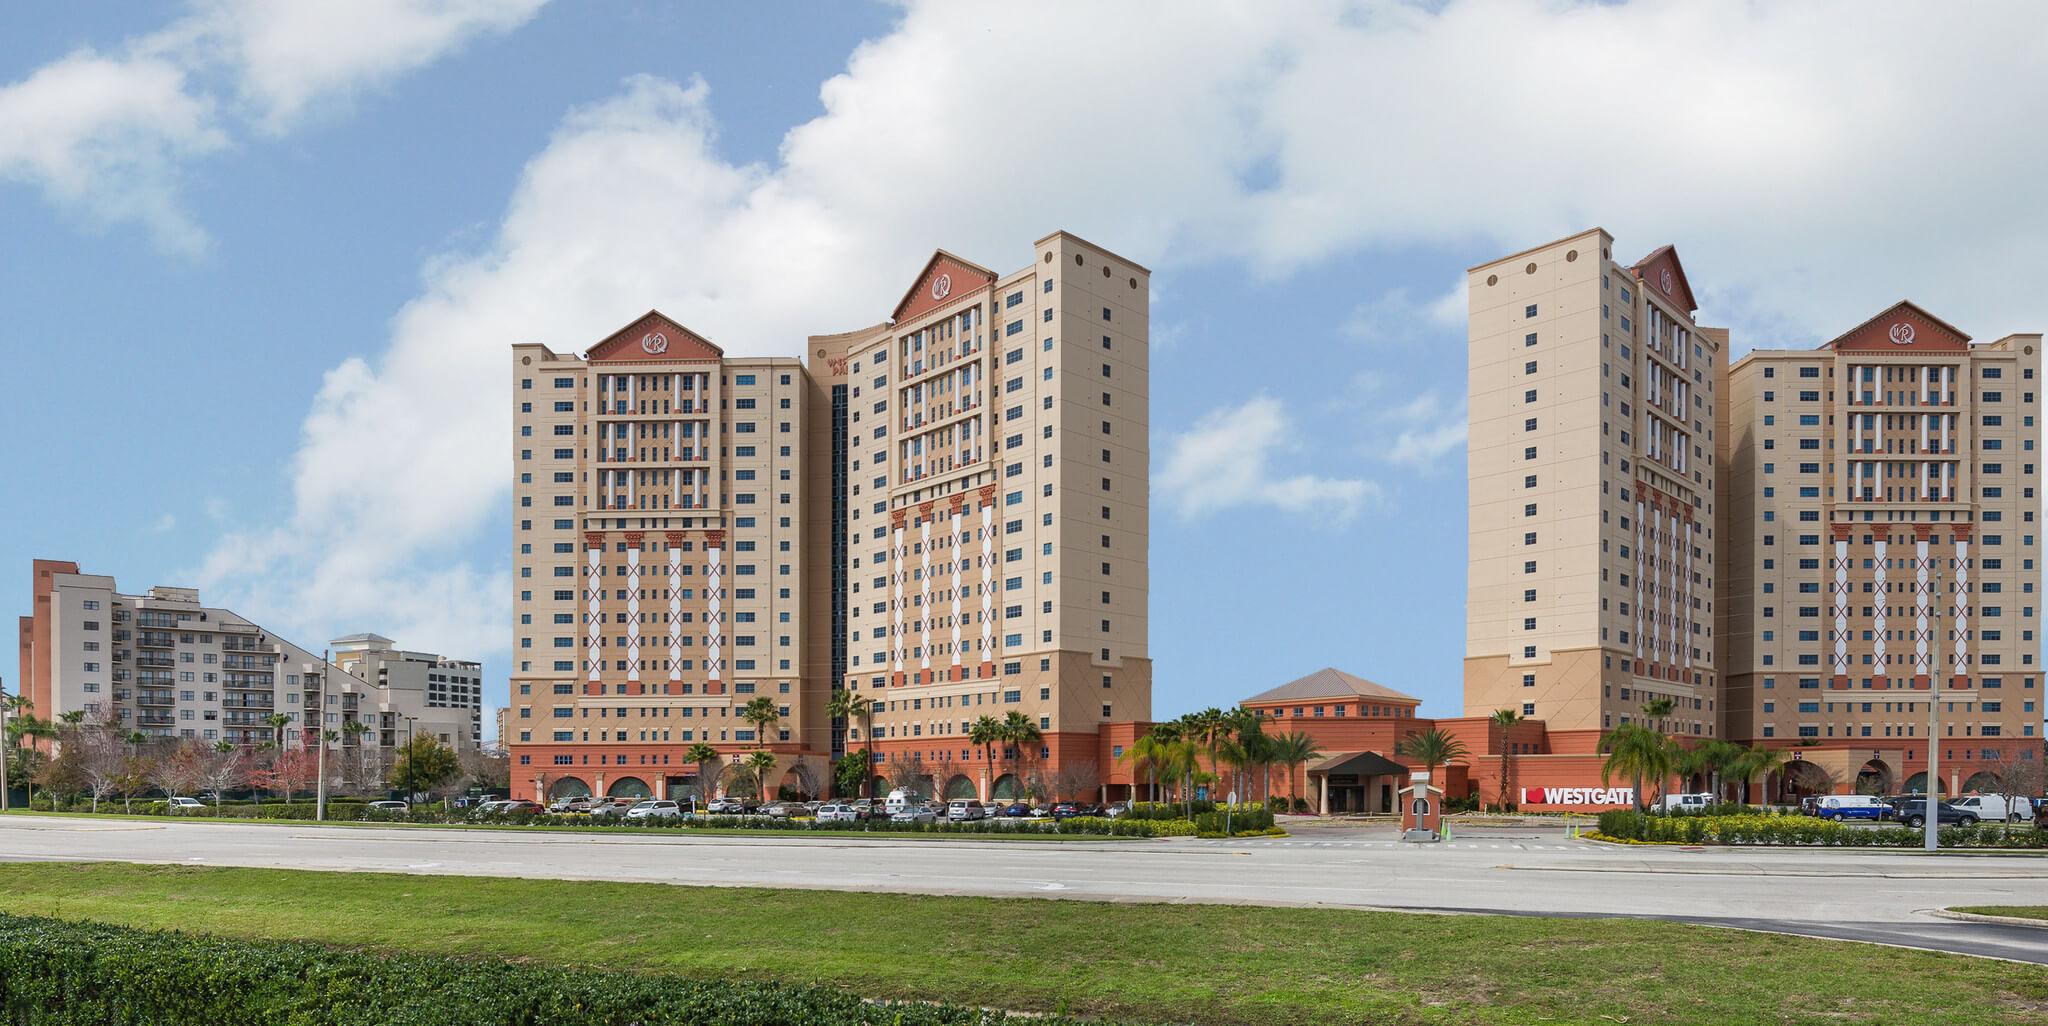 Westgate Palace A Two Bedroom Condo Resort Orlando Fl